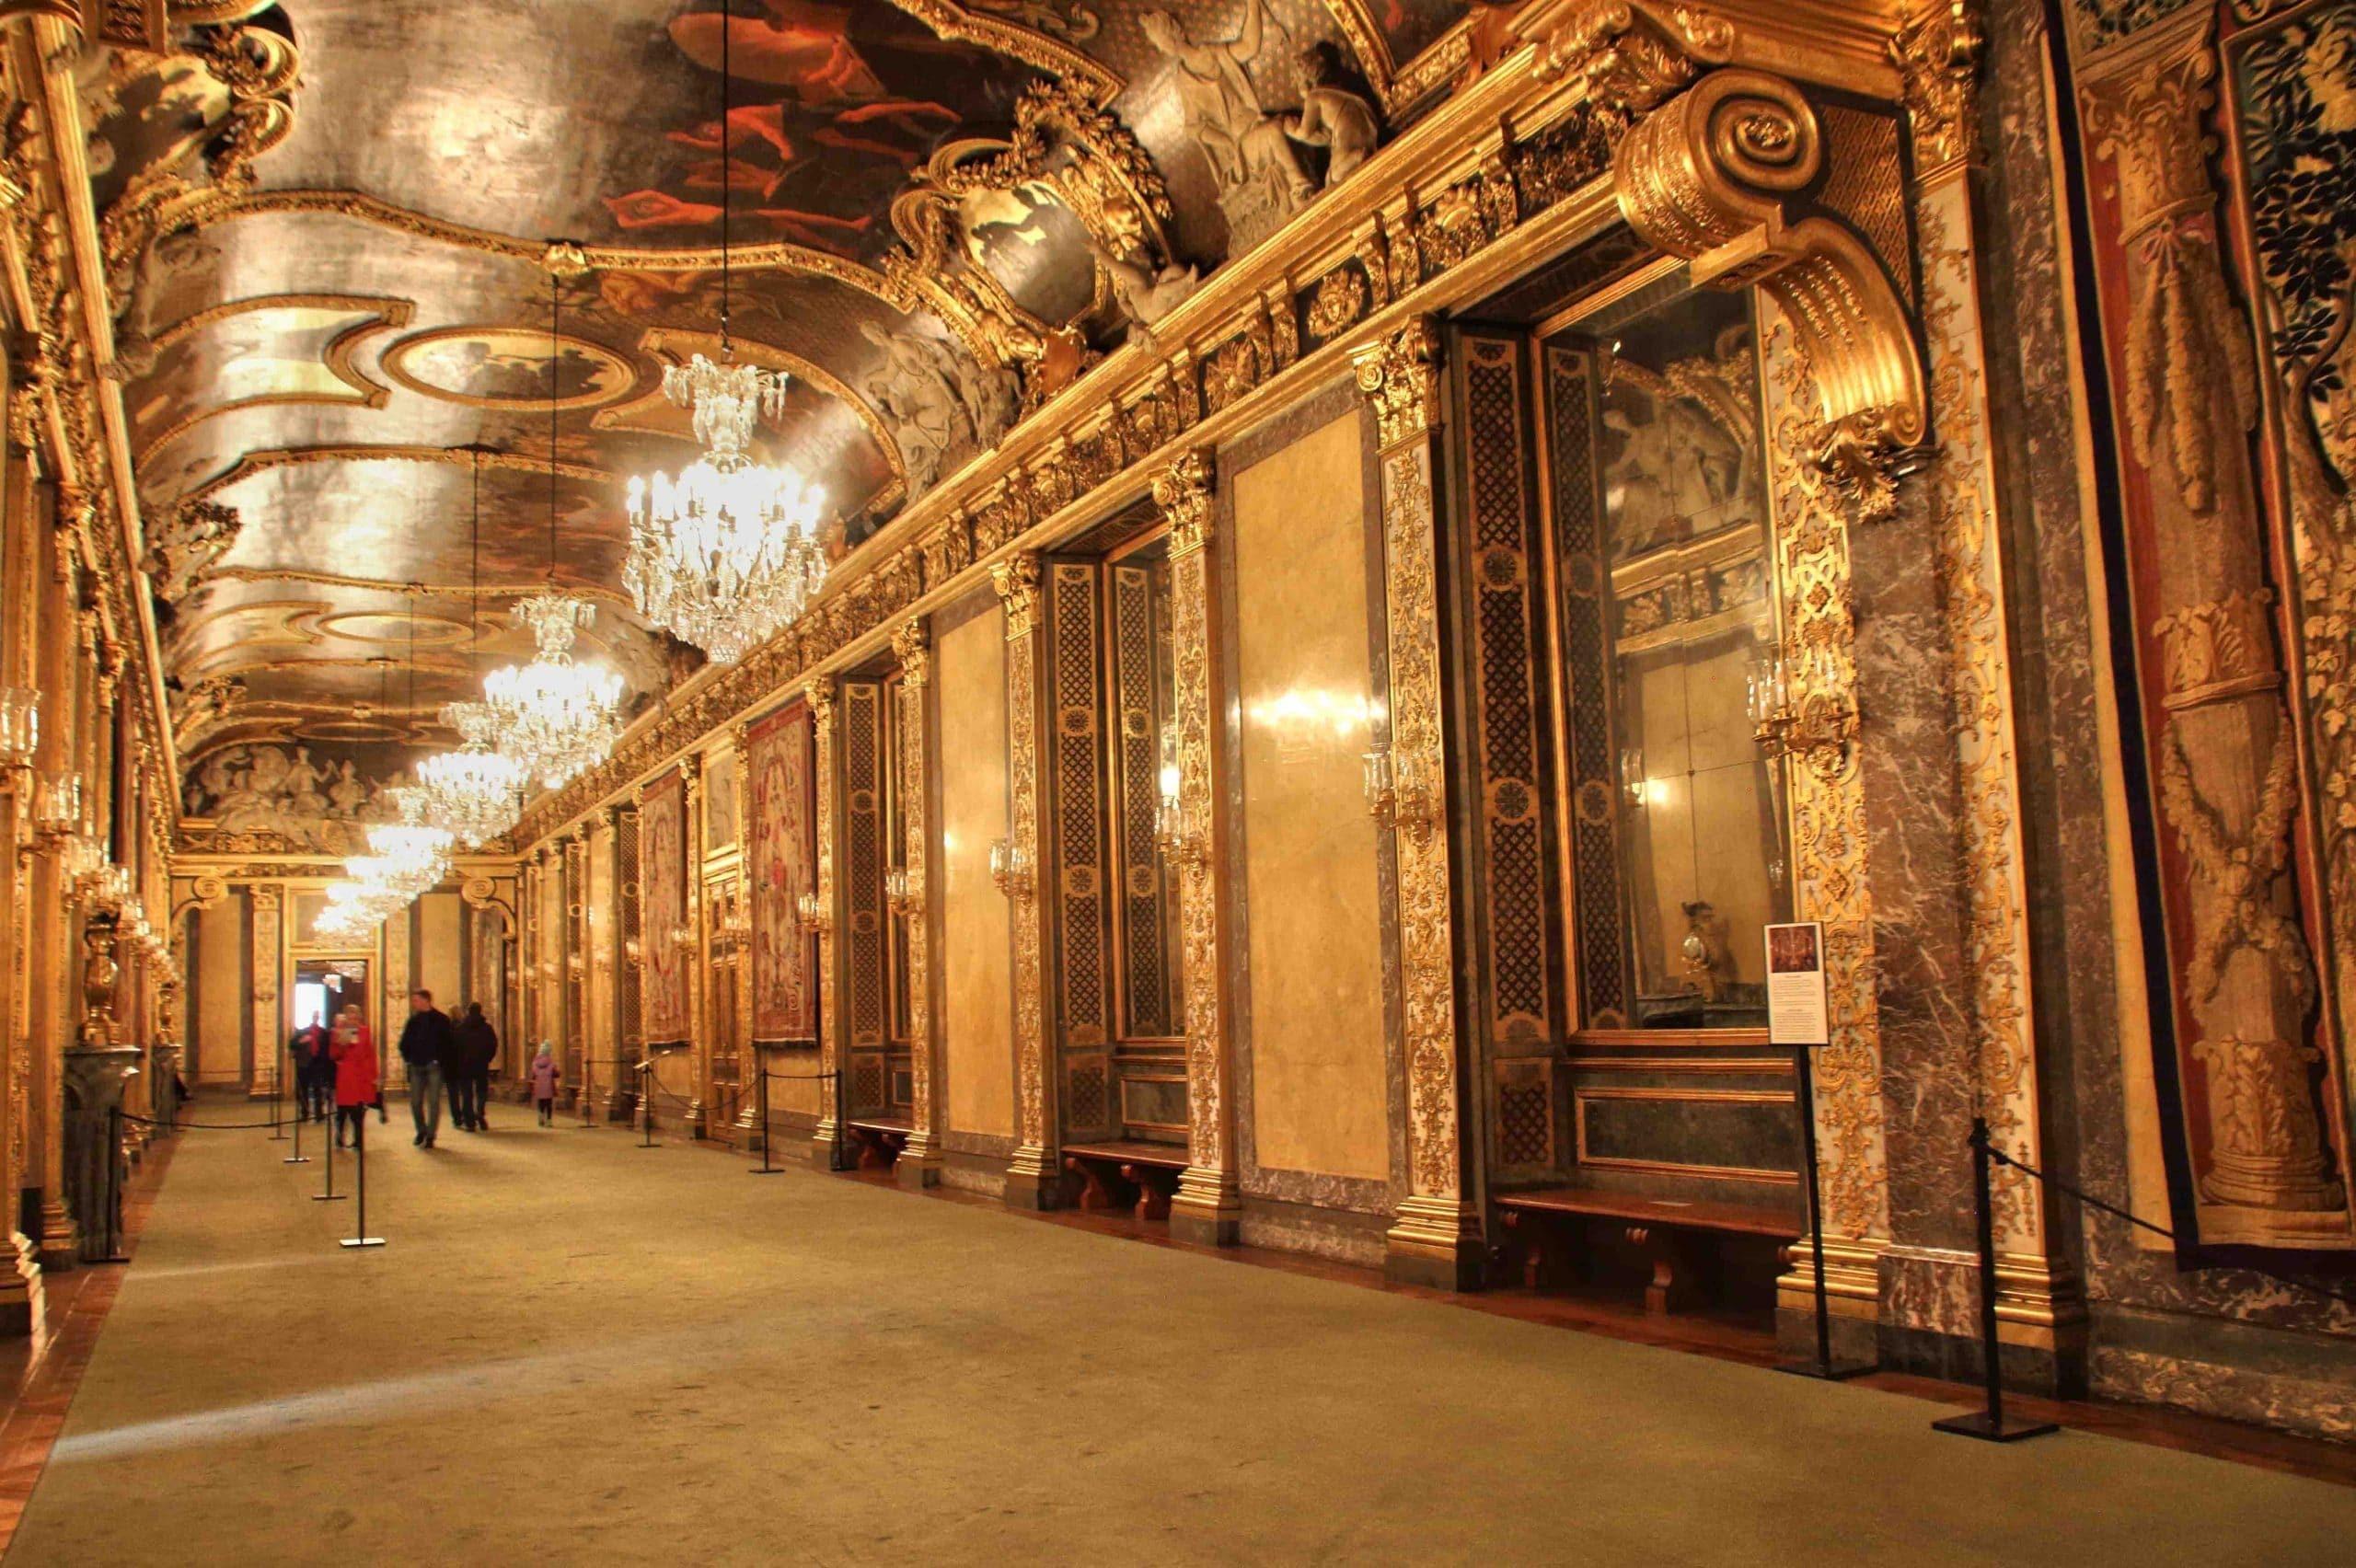 Visita guidata in italiano del Palazzo Reale di Stoccolma